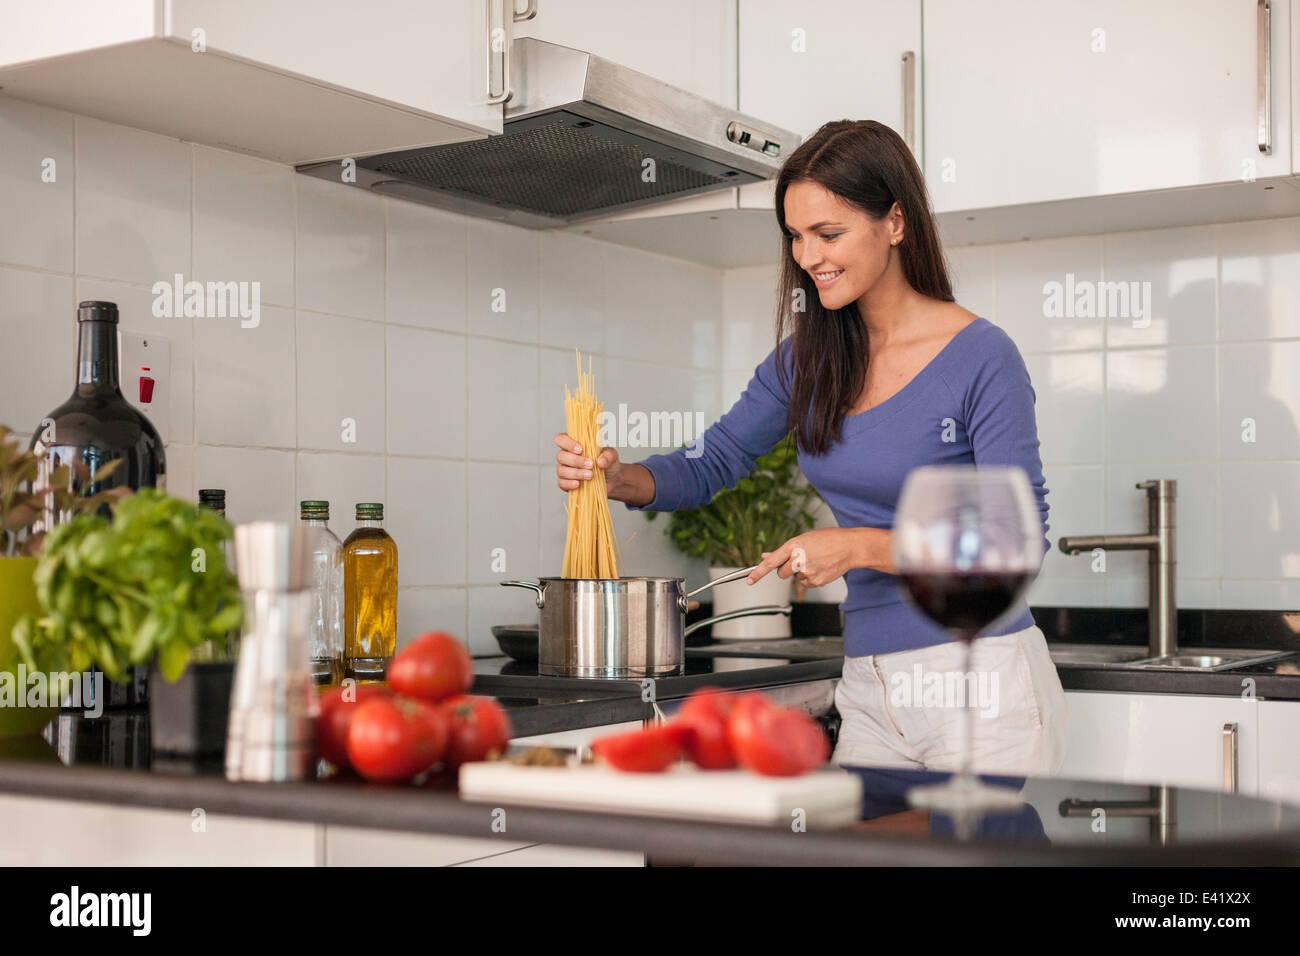 Giovane donna cucinare gli spaghetti in cucina Immagini Stock